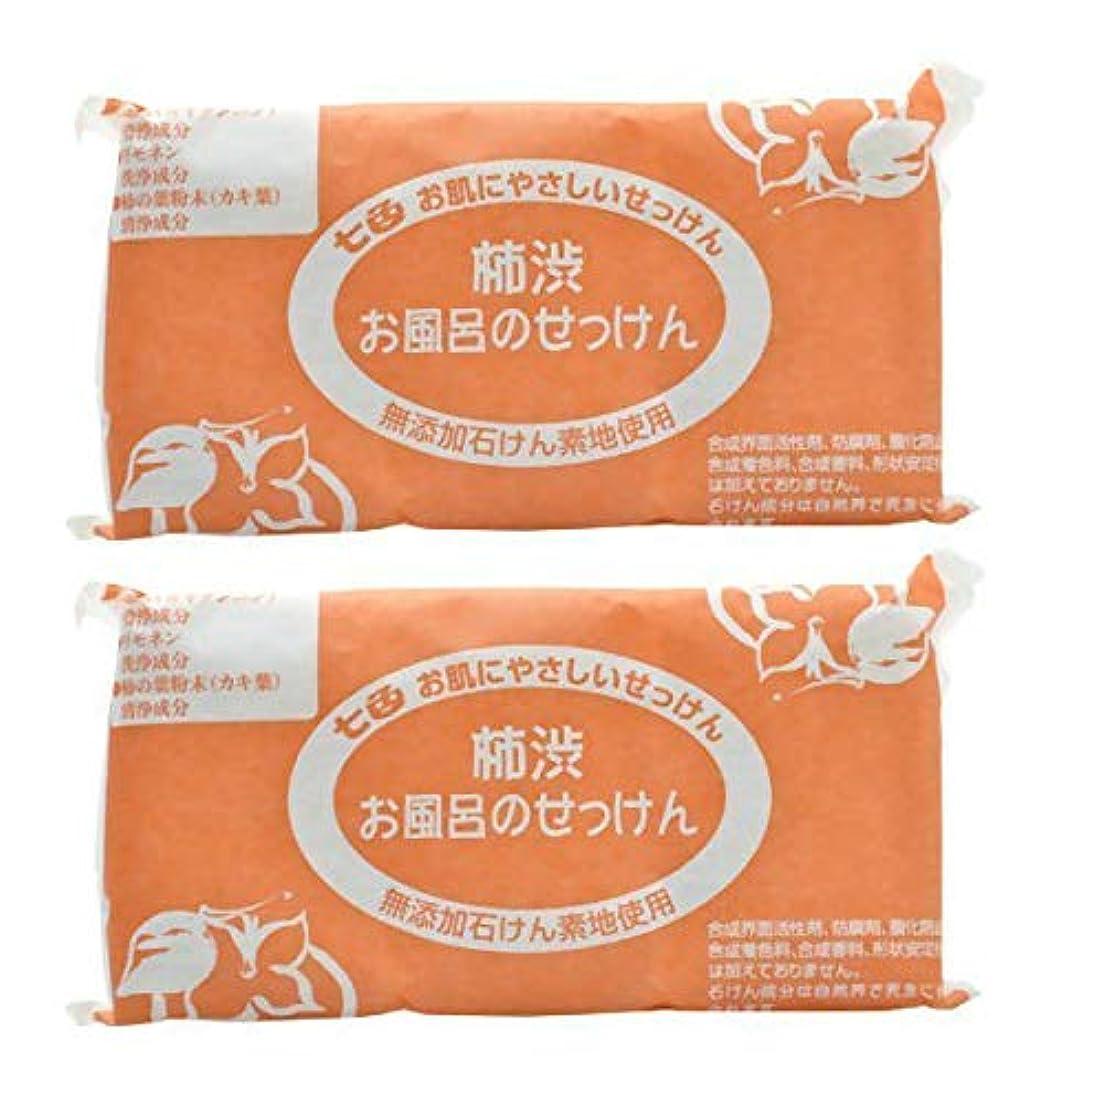 振るう理容室コンプリート七色 お風呂のせっけん 柿渋(無添加石鹸) 100g×3個入×2セット